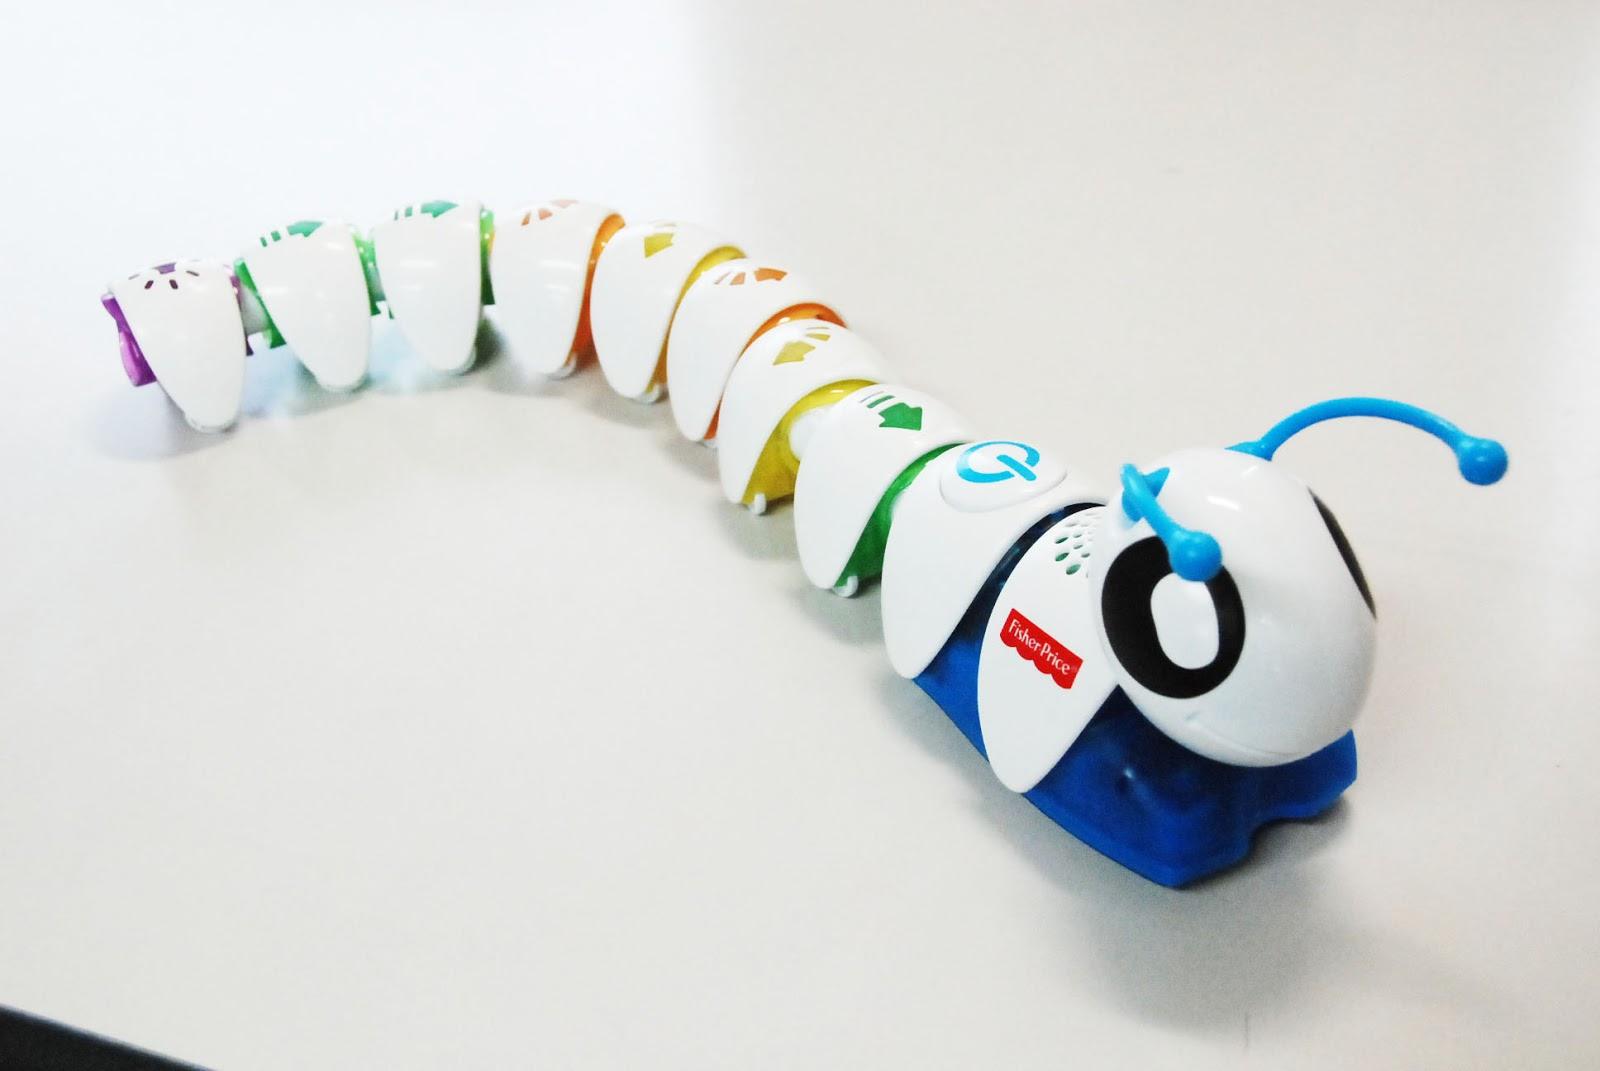 ロボット&プログラミング教室【親子教室】「イモムシ型ロボットでプログラミングに初挑戦!」事前申込み制